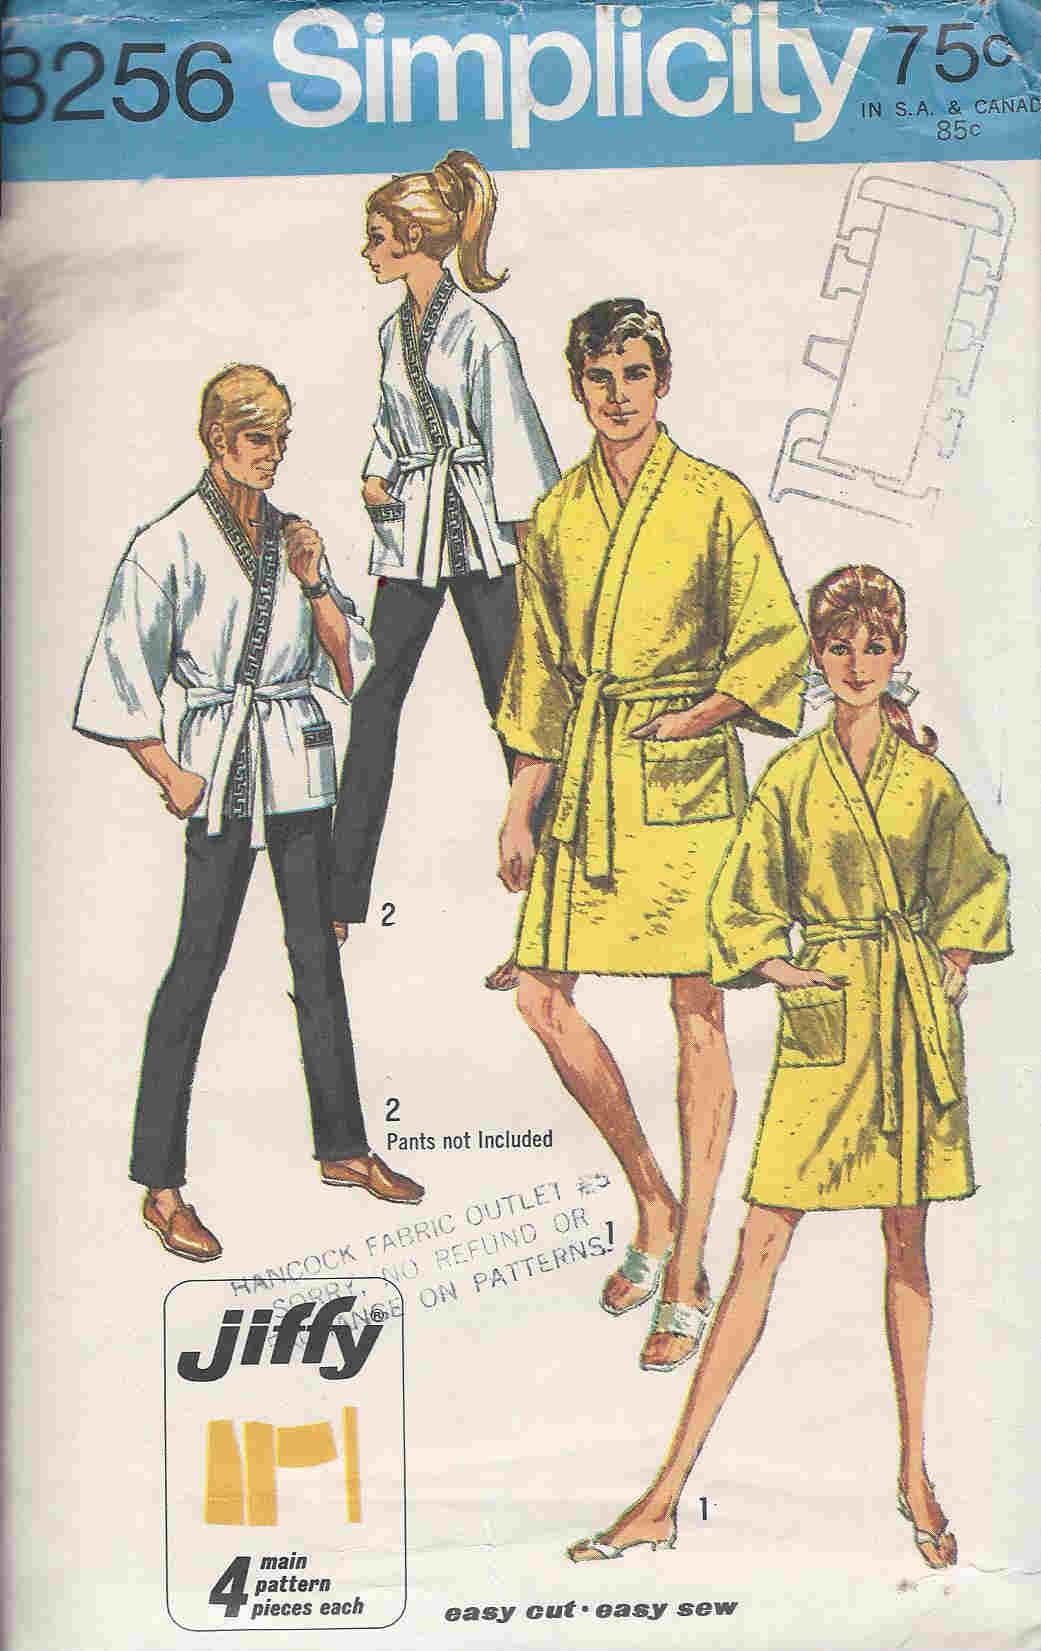 Jiffy Kimono unisex sewing pattern